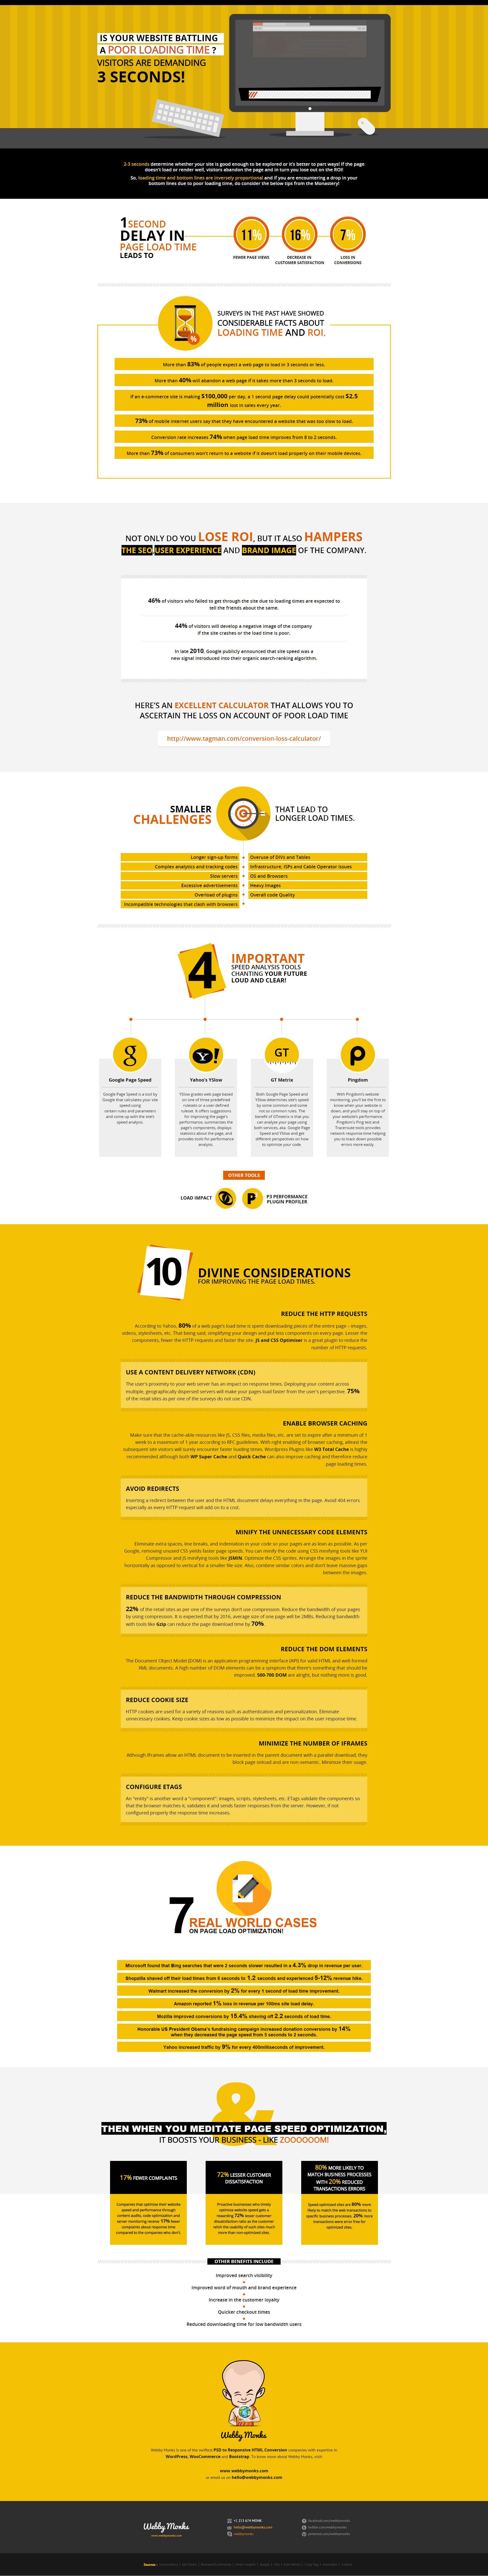 Schnellere Website Ladezeiten Infografik